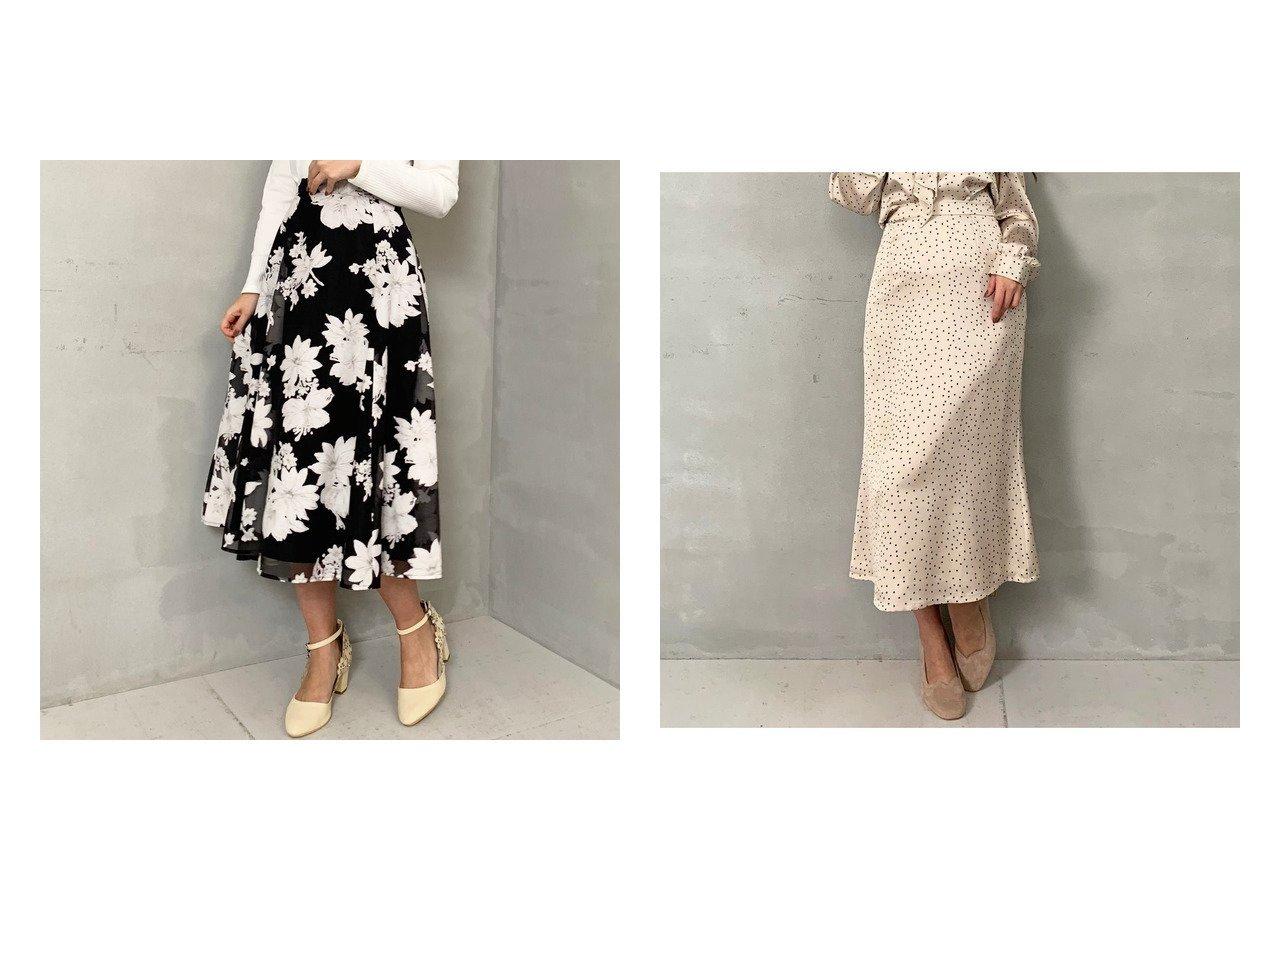 【MISCH MASCH/ミッシュマッシュ】のドット柄ナロースカート&オパール花柄スカート ミッシュマッシュのおすすめ!人気、トレンド・レディースファッションの通販 おすすめで人気の流行・トレンド、ファッションの通販商品 メンズファッション・キッズファッション・インテリア・家具・レディースファッション・服の通販 founy(ファニー) https://founy.com/ ファッション Fashion レディースファッション WOMEN スカート Skirt 2021年 2021 2021-2022 秋冬 A/W AW Autumn/Winter / FW Fall-Winter 2021-2022 A/W 秋冬 AW Autumn/Winter / FW Fall-Winter エレガント プリント ドット ロング |ID:crp329100000022160